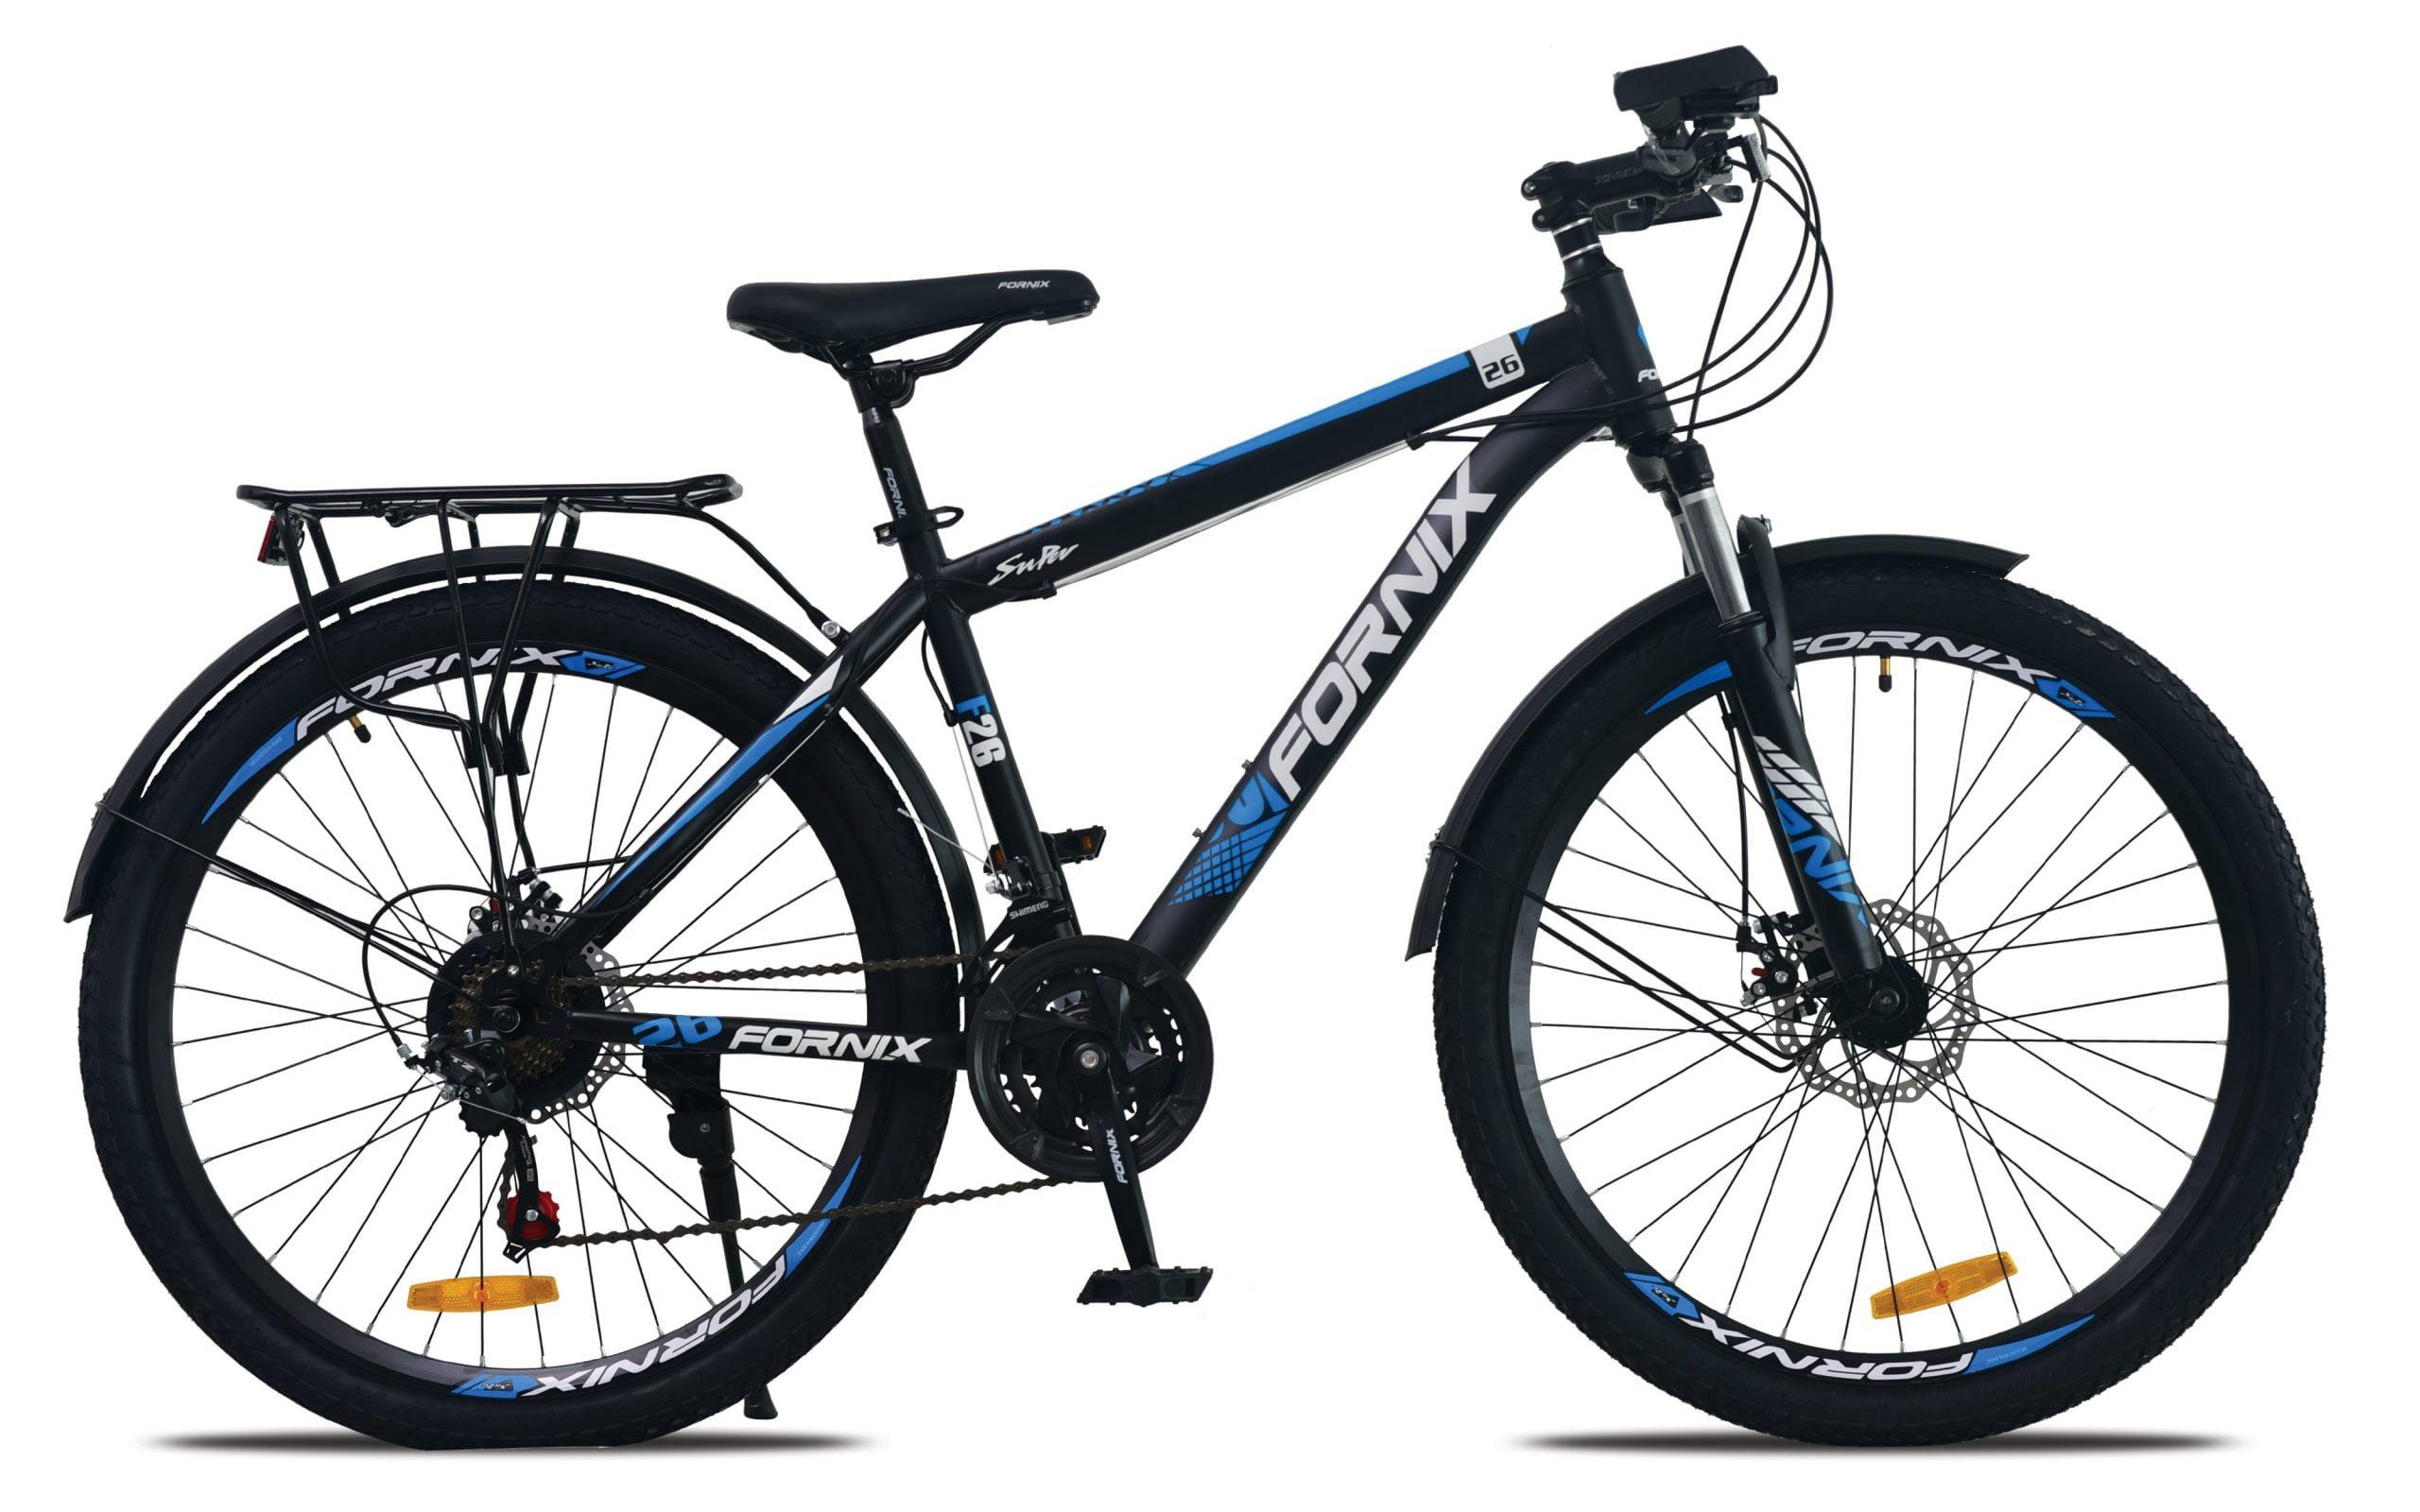 xe đạp thể thao fornix f26 xanh